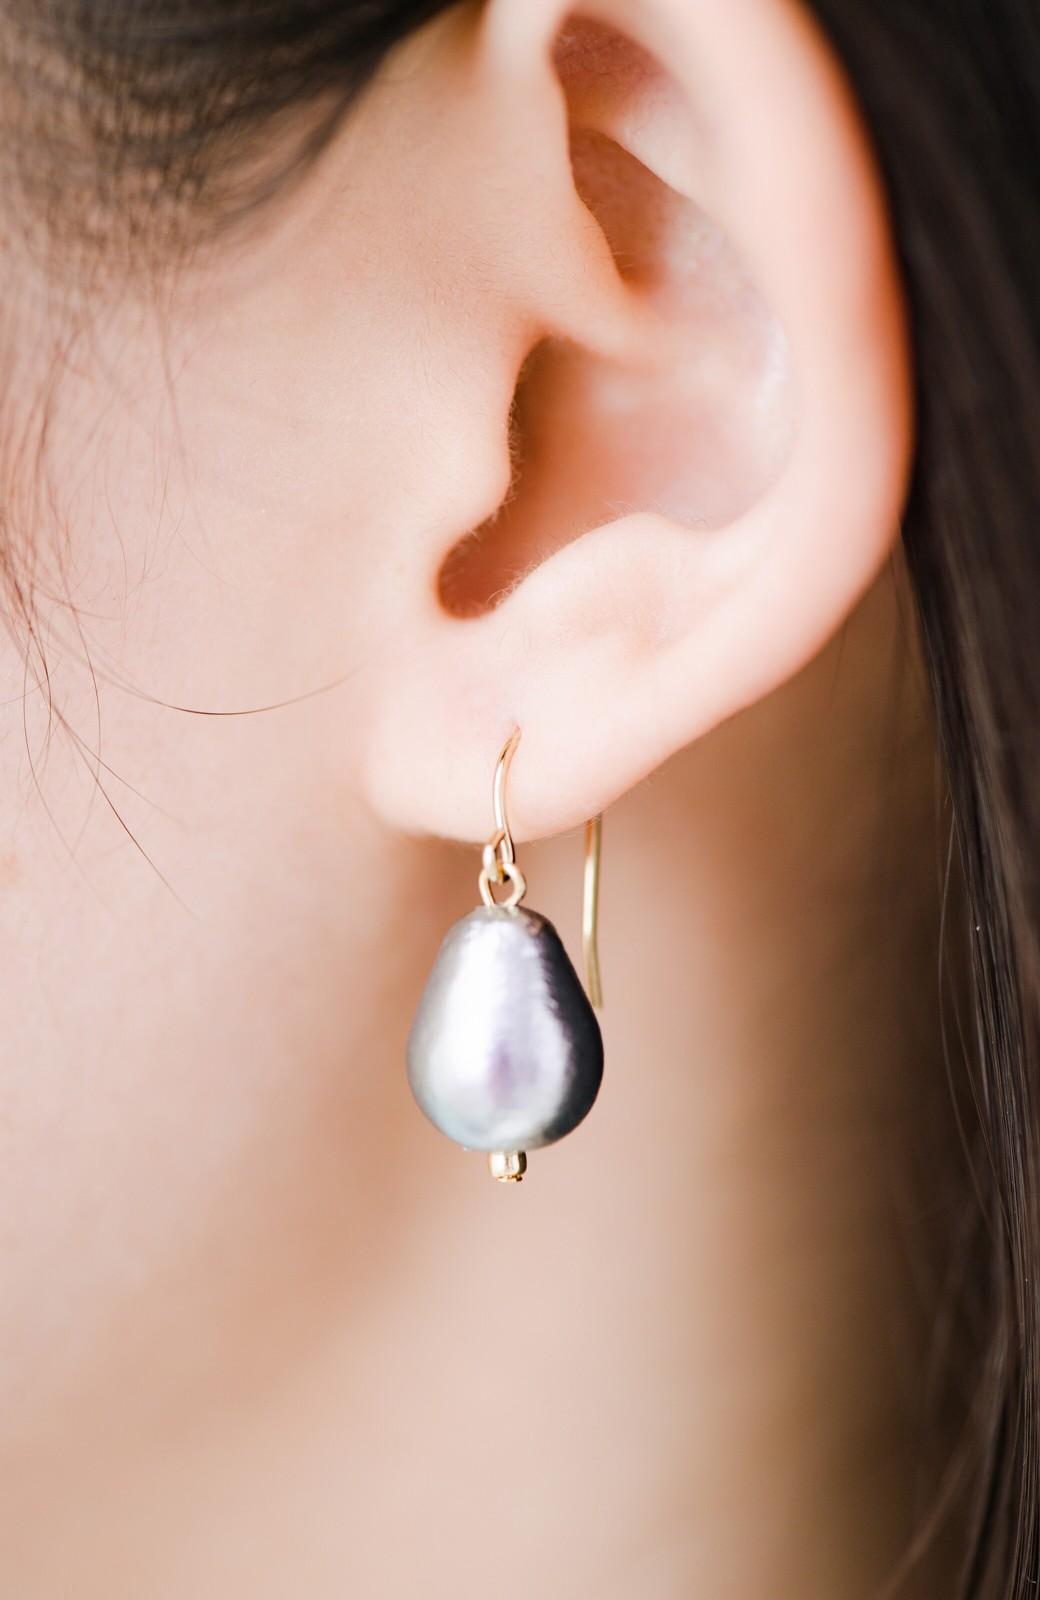 haco! さりげなく耳もとで揺れる コットンパールのシンプルイヤアクセ <グレー>の商品写真5